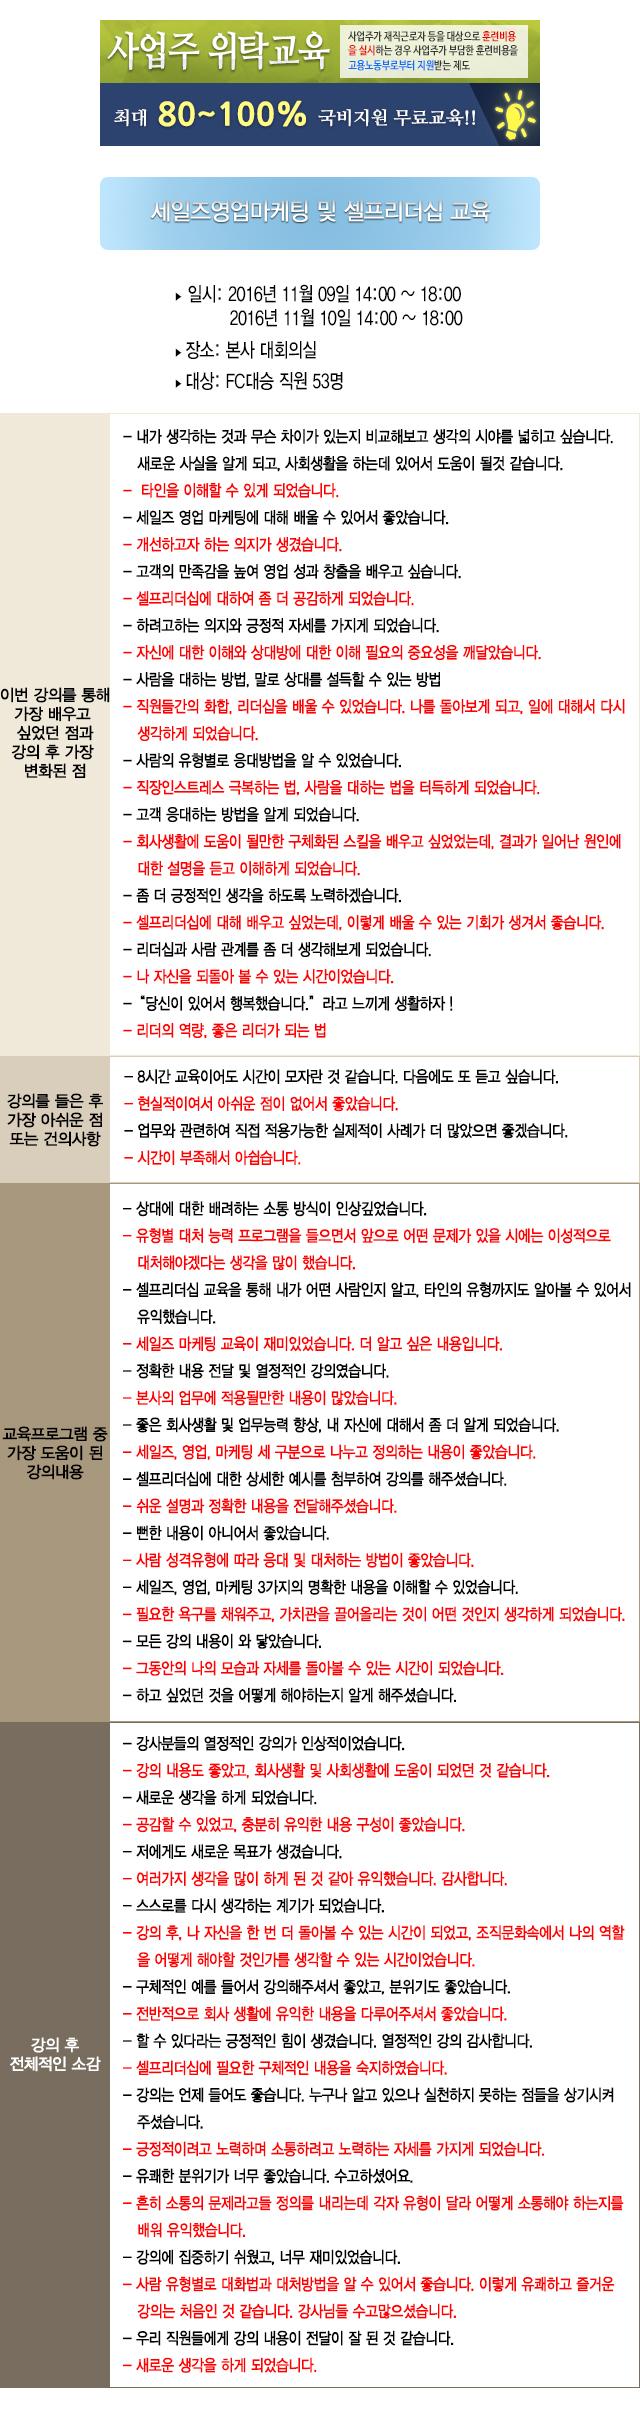 한국중앙인재개발원 후기 FC대승.jpg